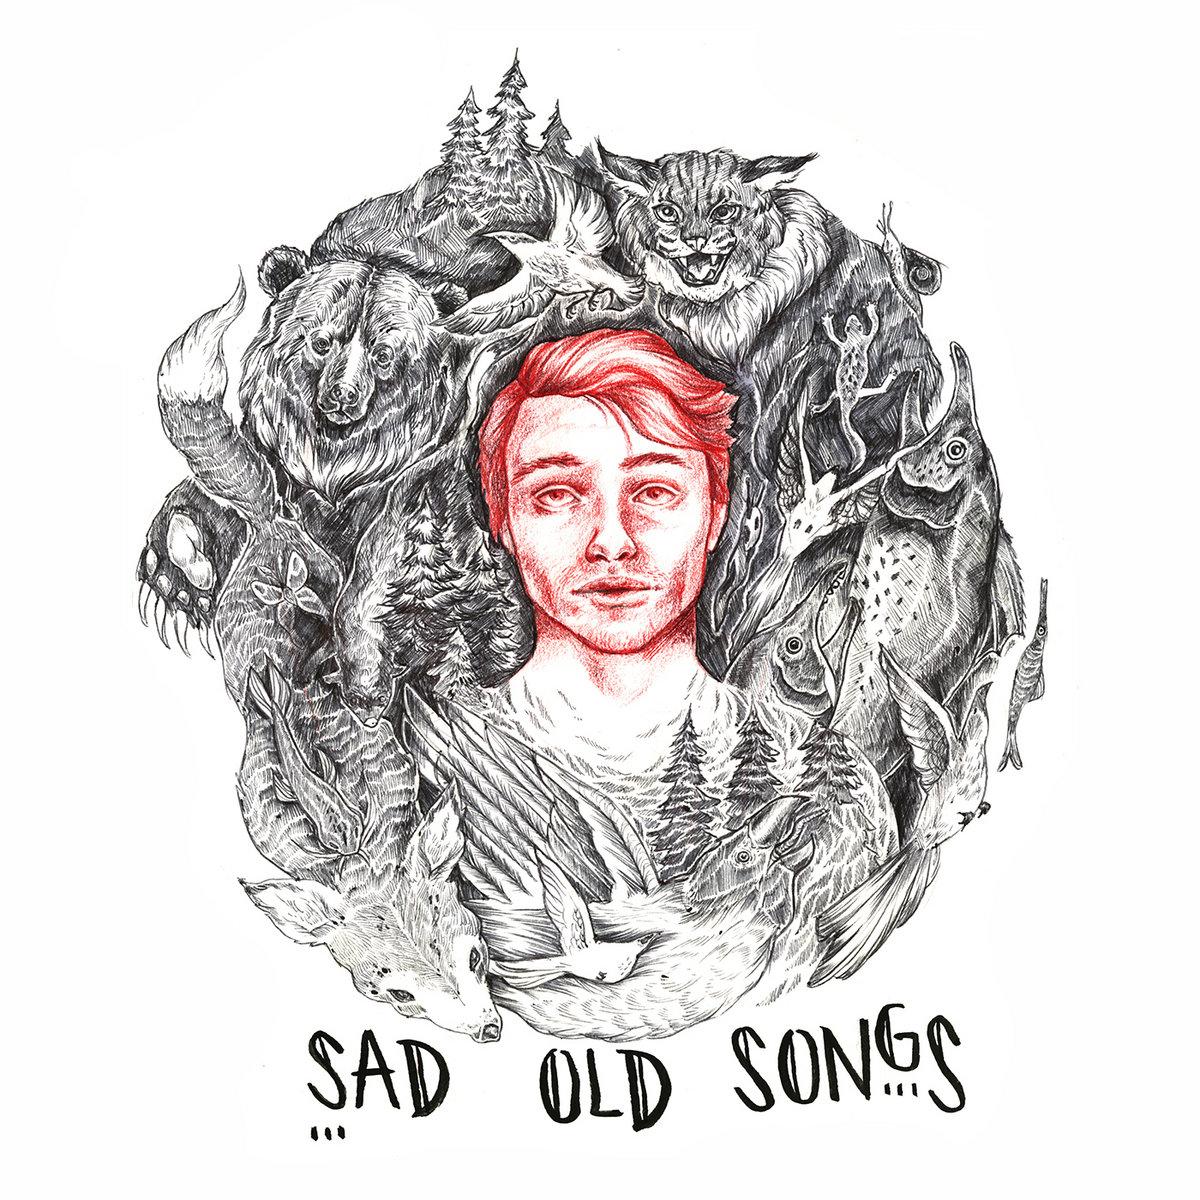 ILA: Old Fagan Song